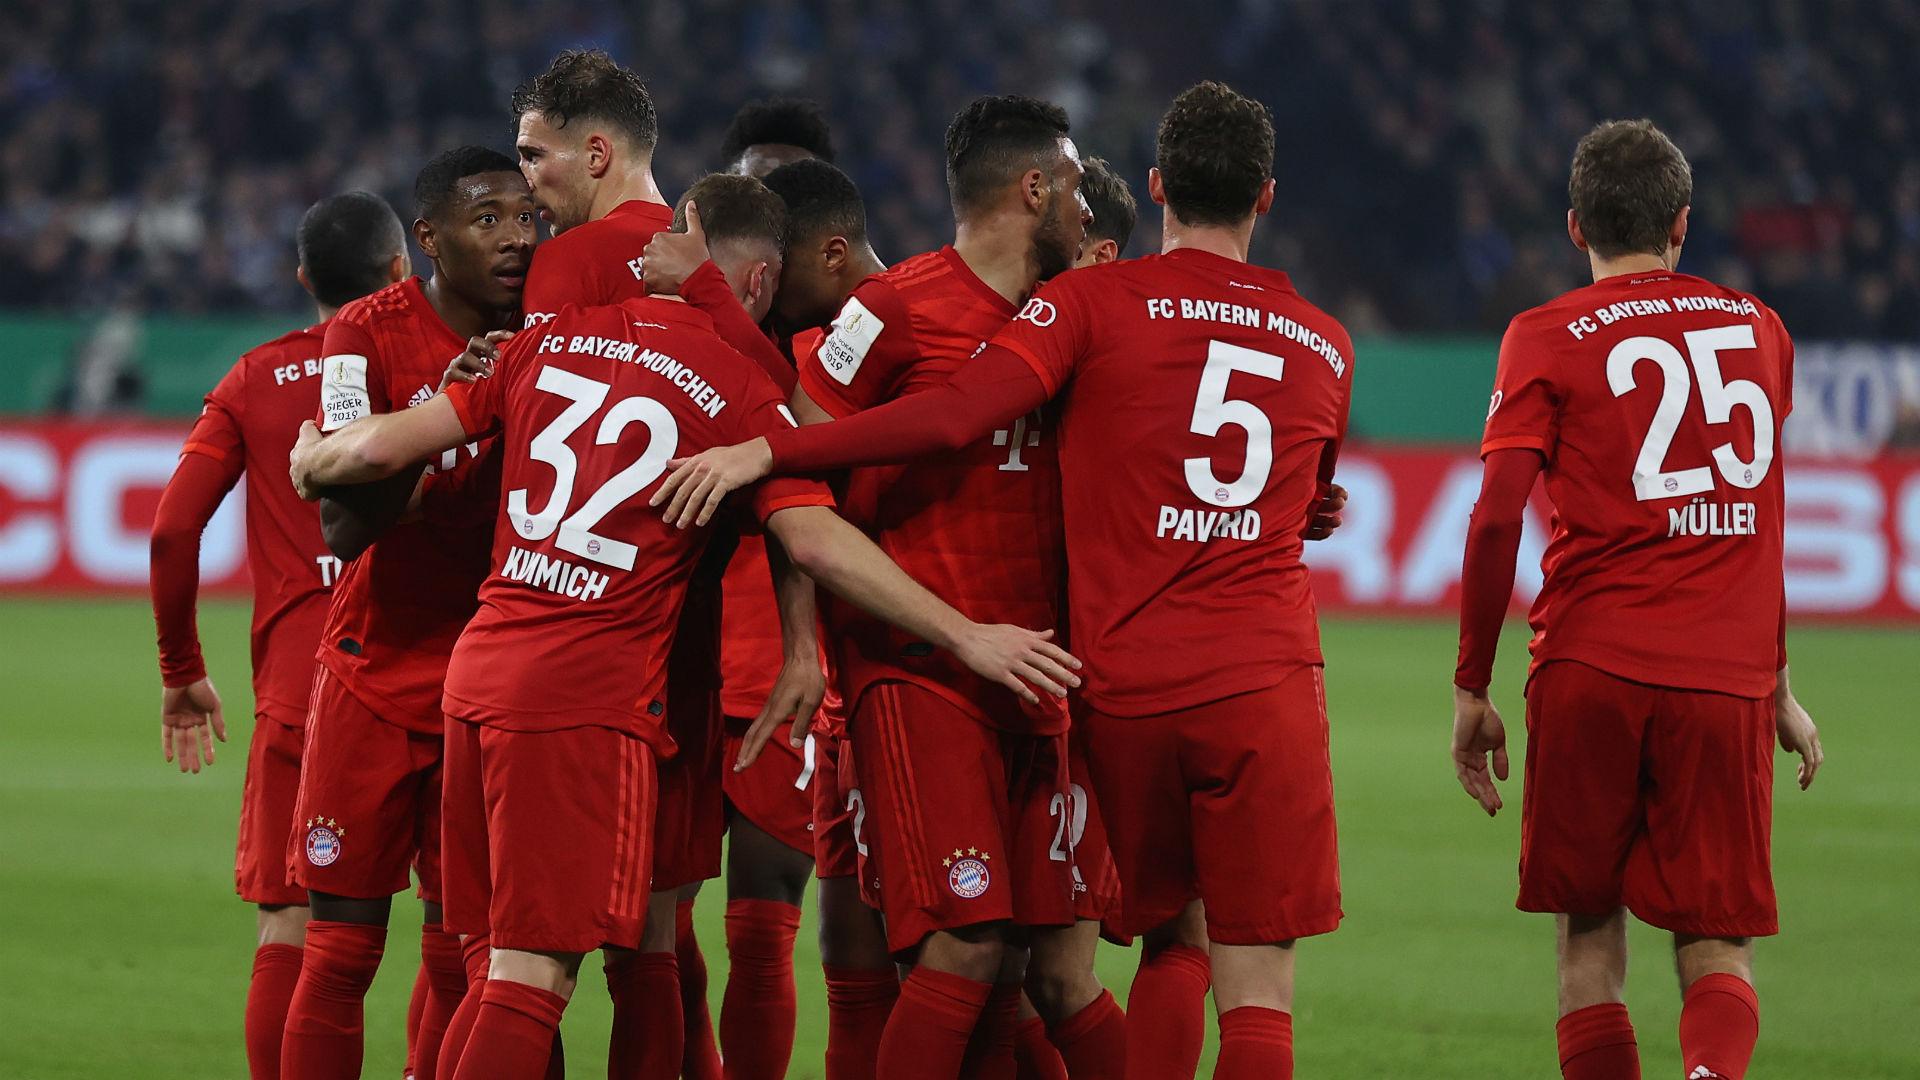 Wallpaper Bayern Munich Squad 2020 - Hd Football